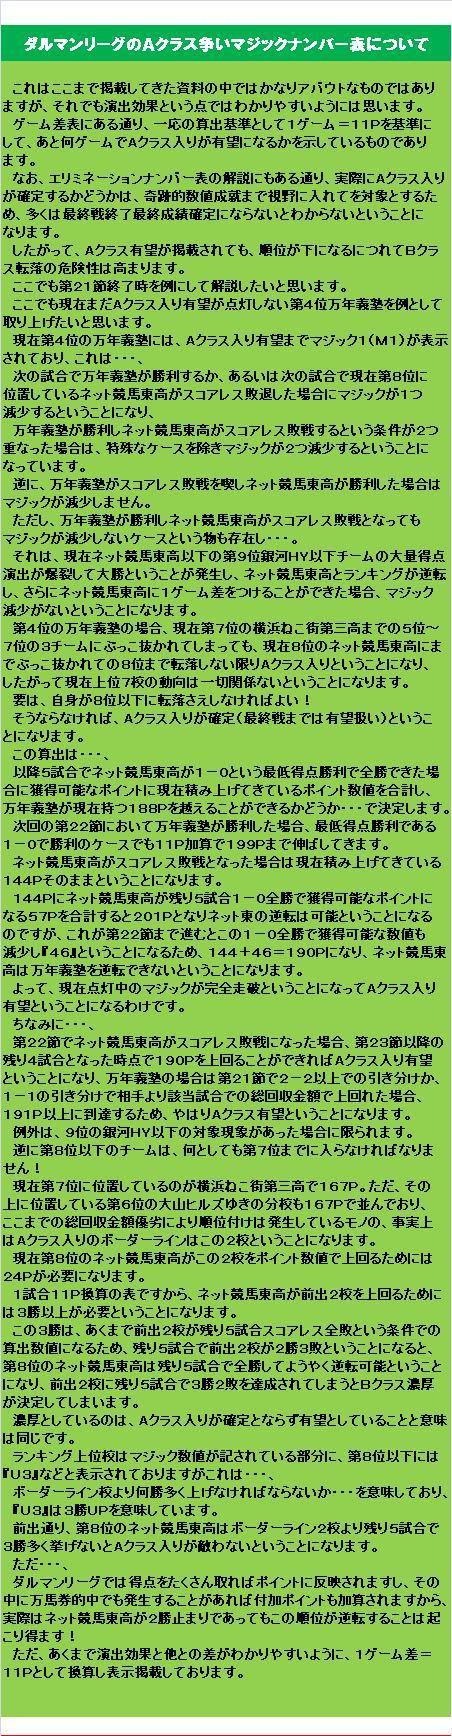 20160423・最終局面SP⑯.jpg